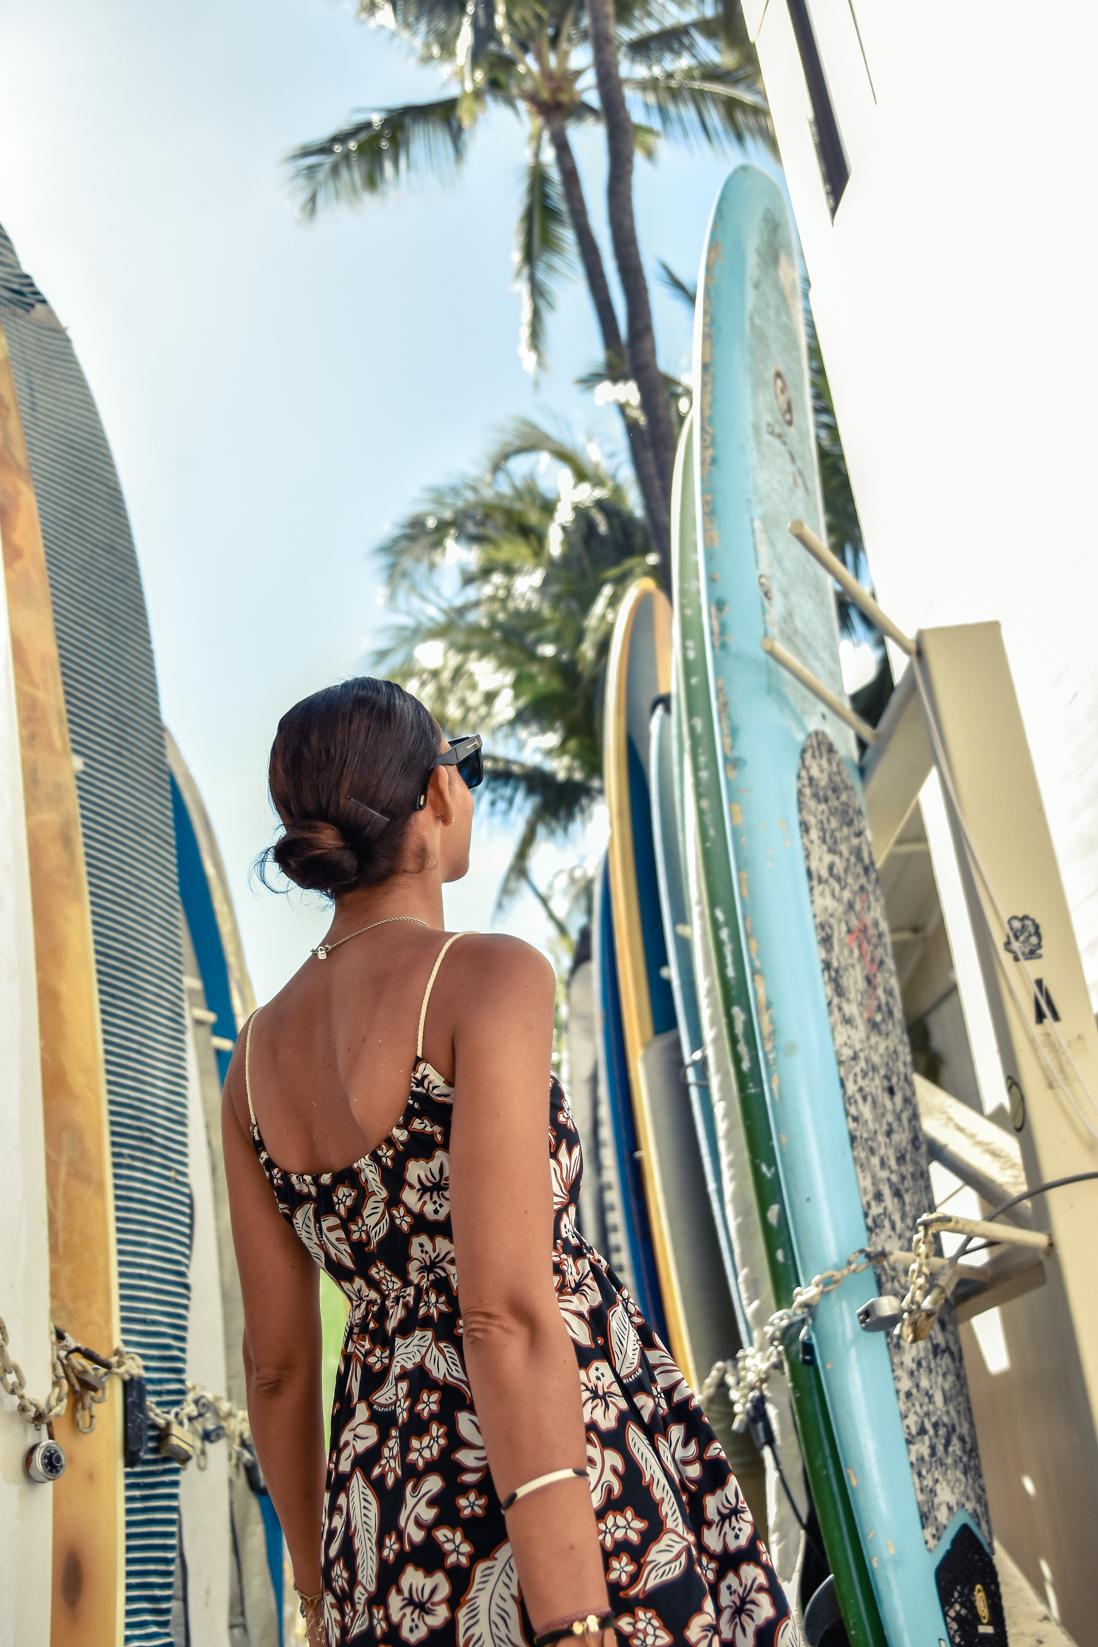 4-el-blog-de-silvia-curiosidades-hawaii-vestido-flores